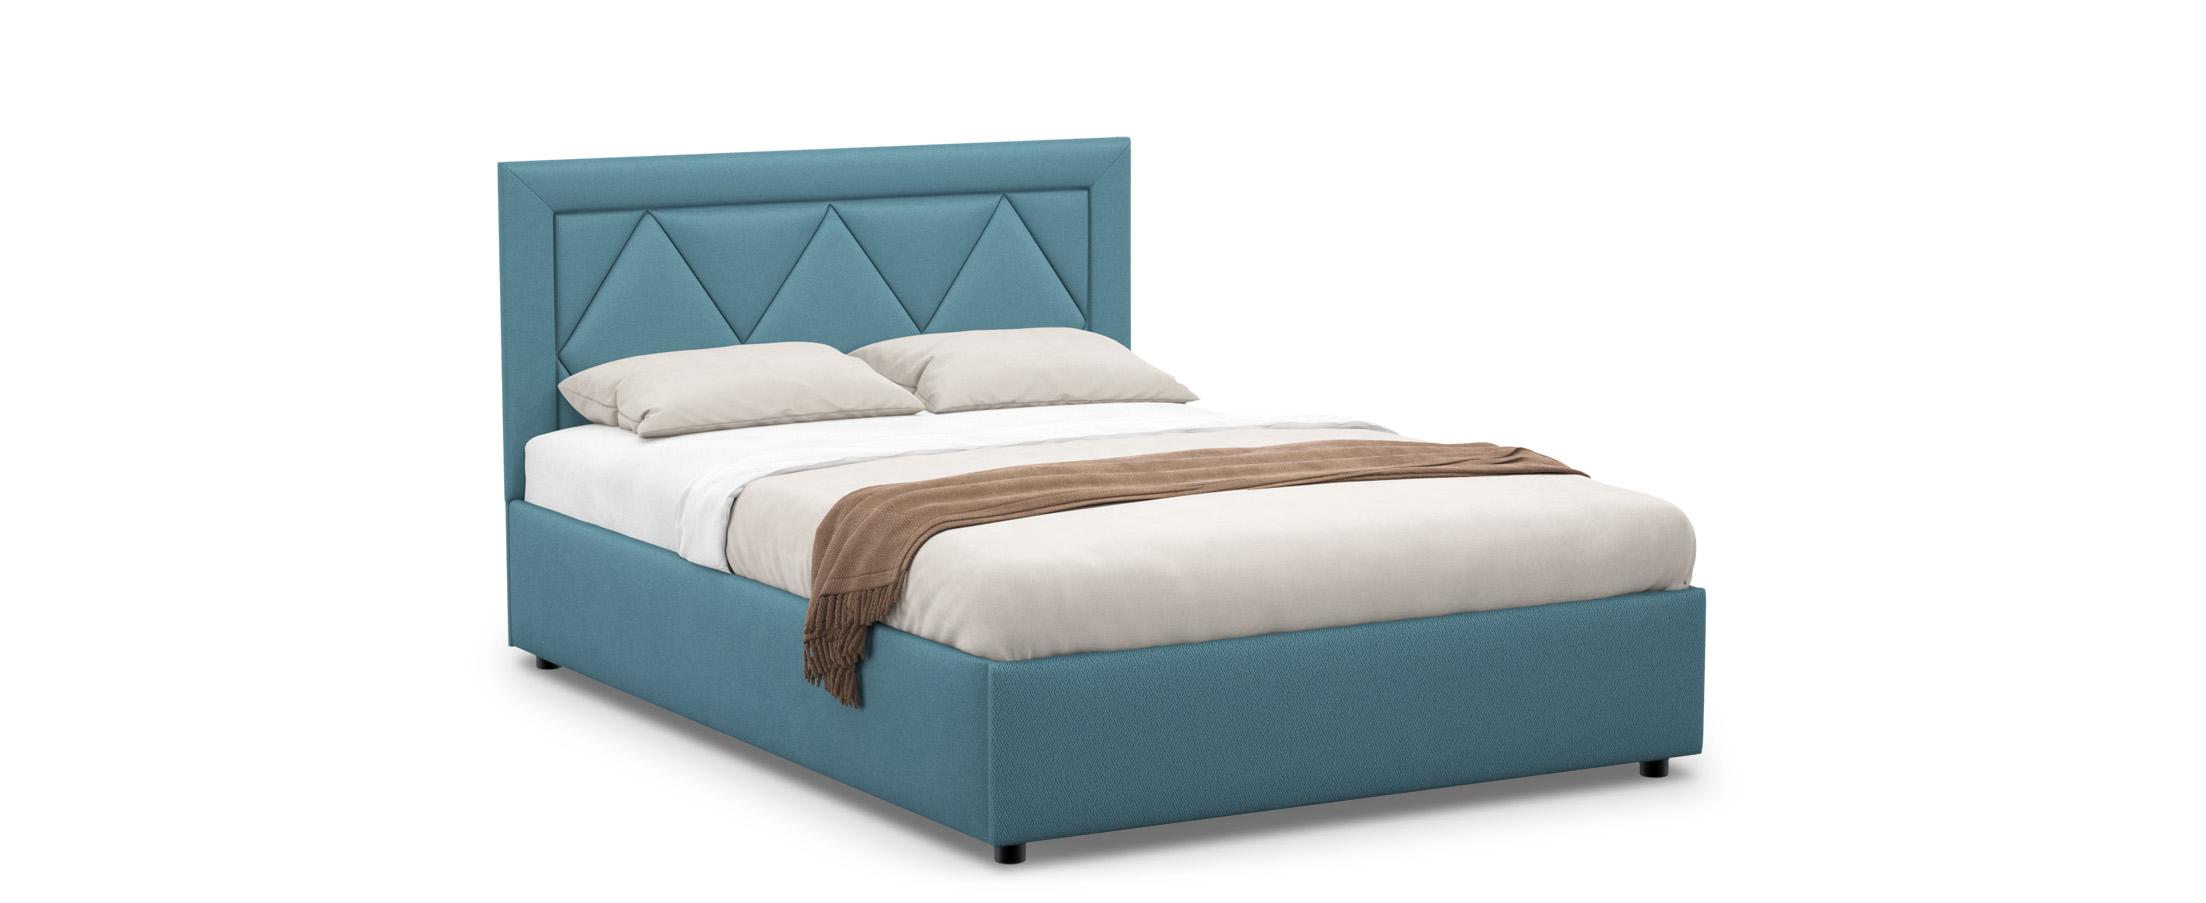 Кровать двуспальная Dominica New 140х200 Модель 1223 фото